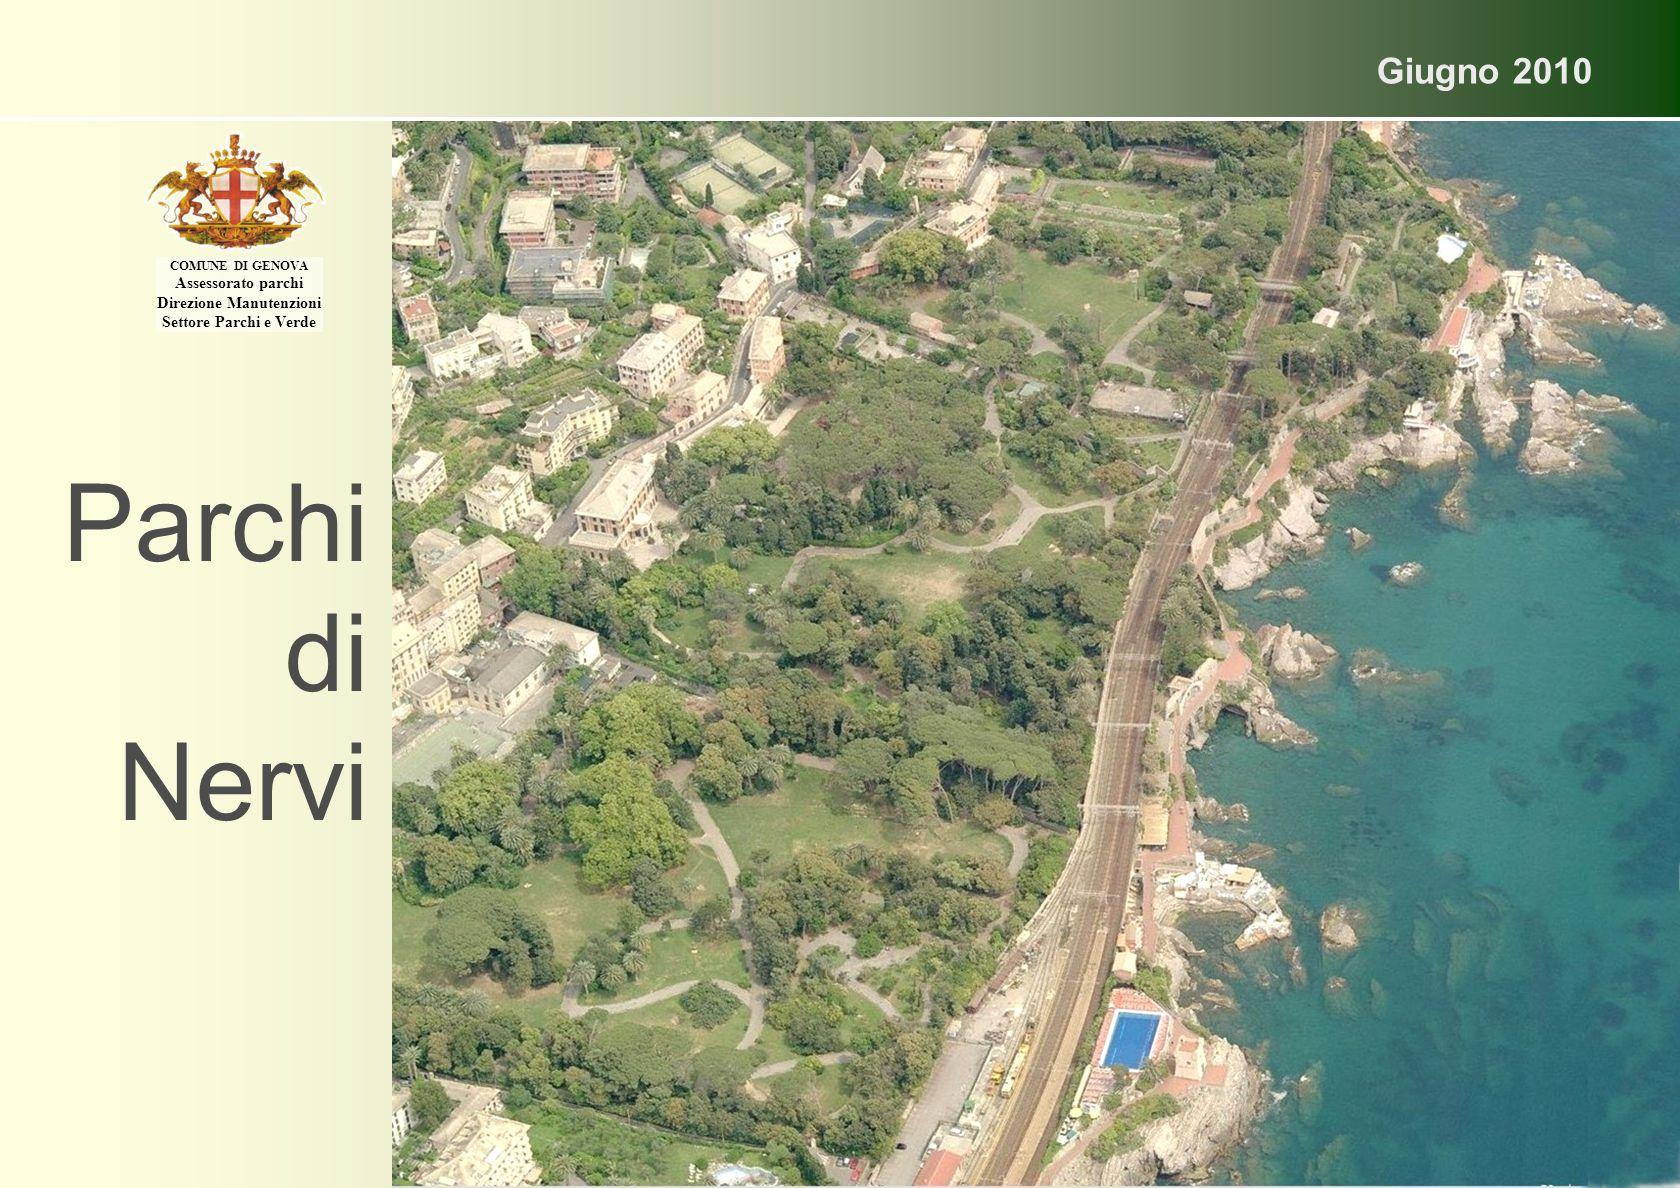 Parchi di Nervi Giugno 2010 COMUNE DI GENOVA Assessorato parchi Direzione Manutenzioni Settore Parchi e Verde